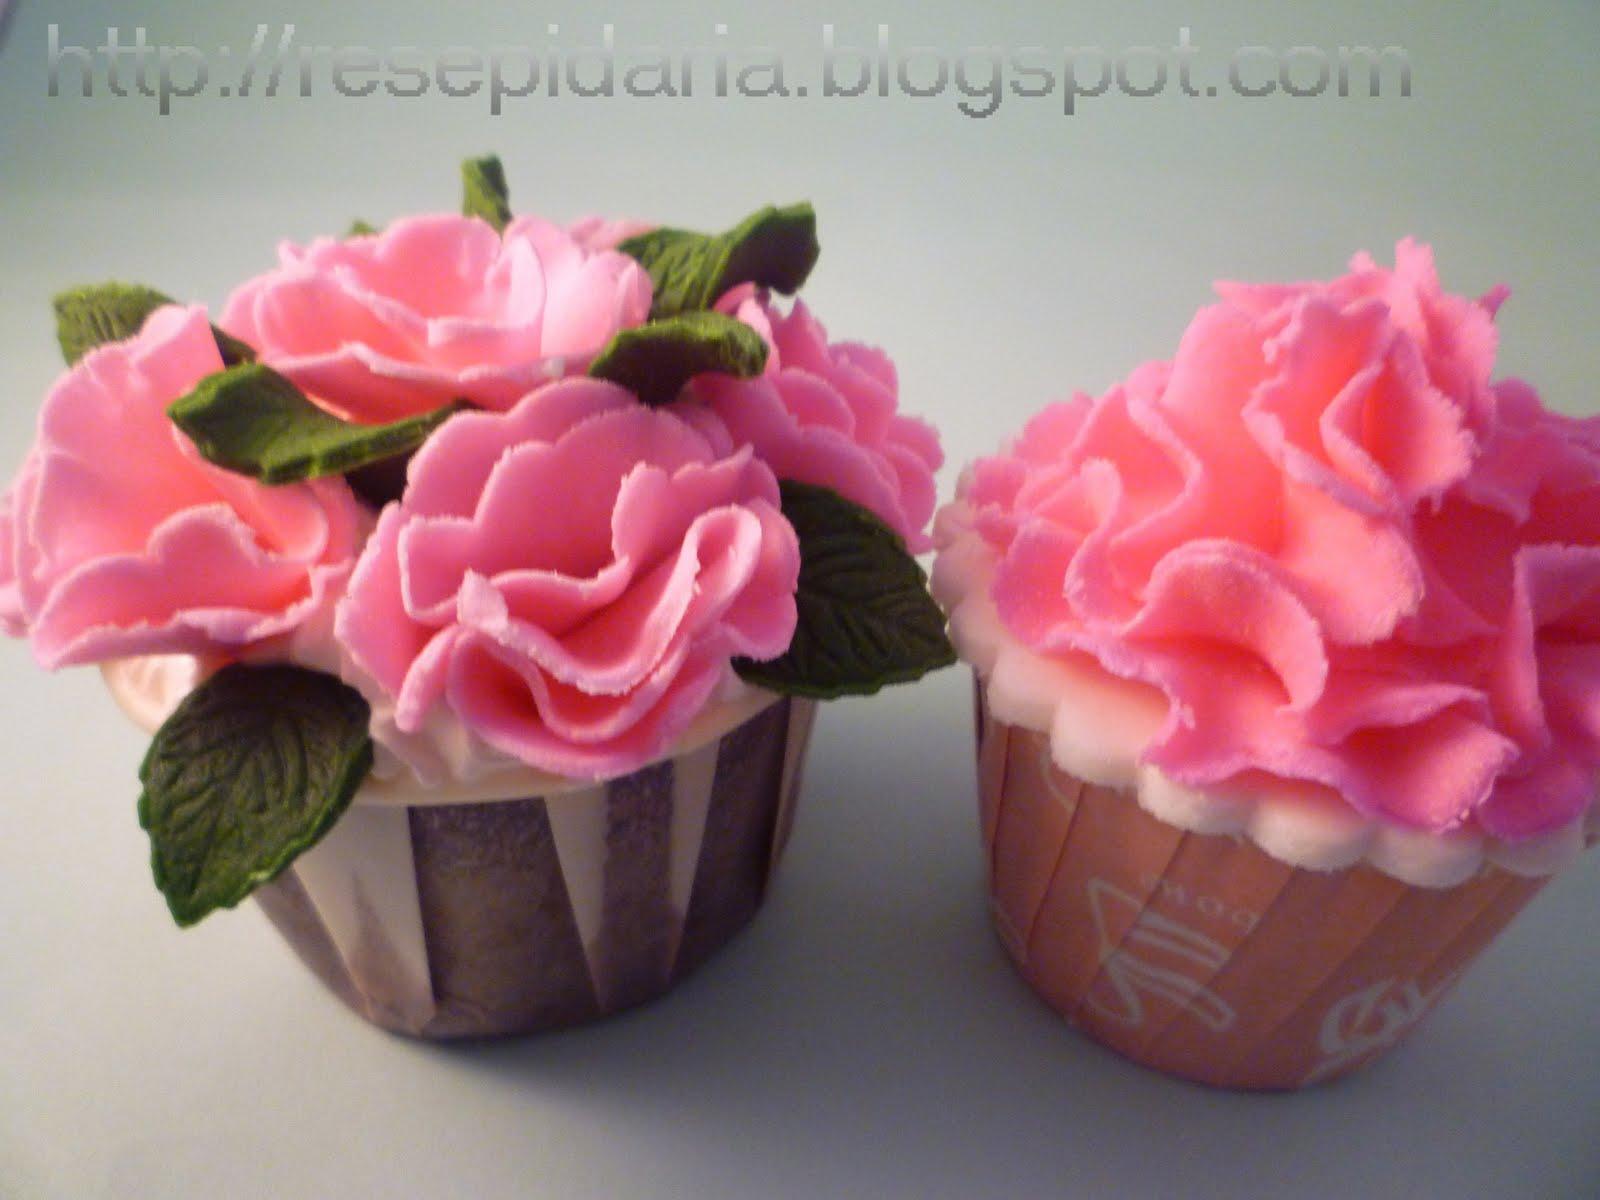 Resepi cup cake http www hawaiidermatology com resepi resepi cup